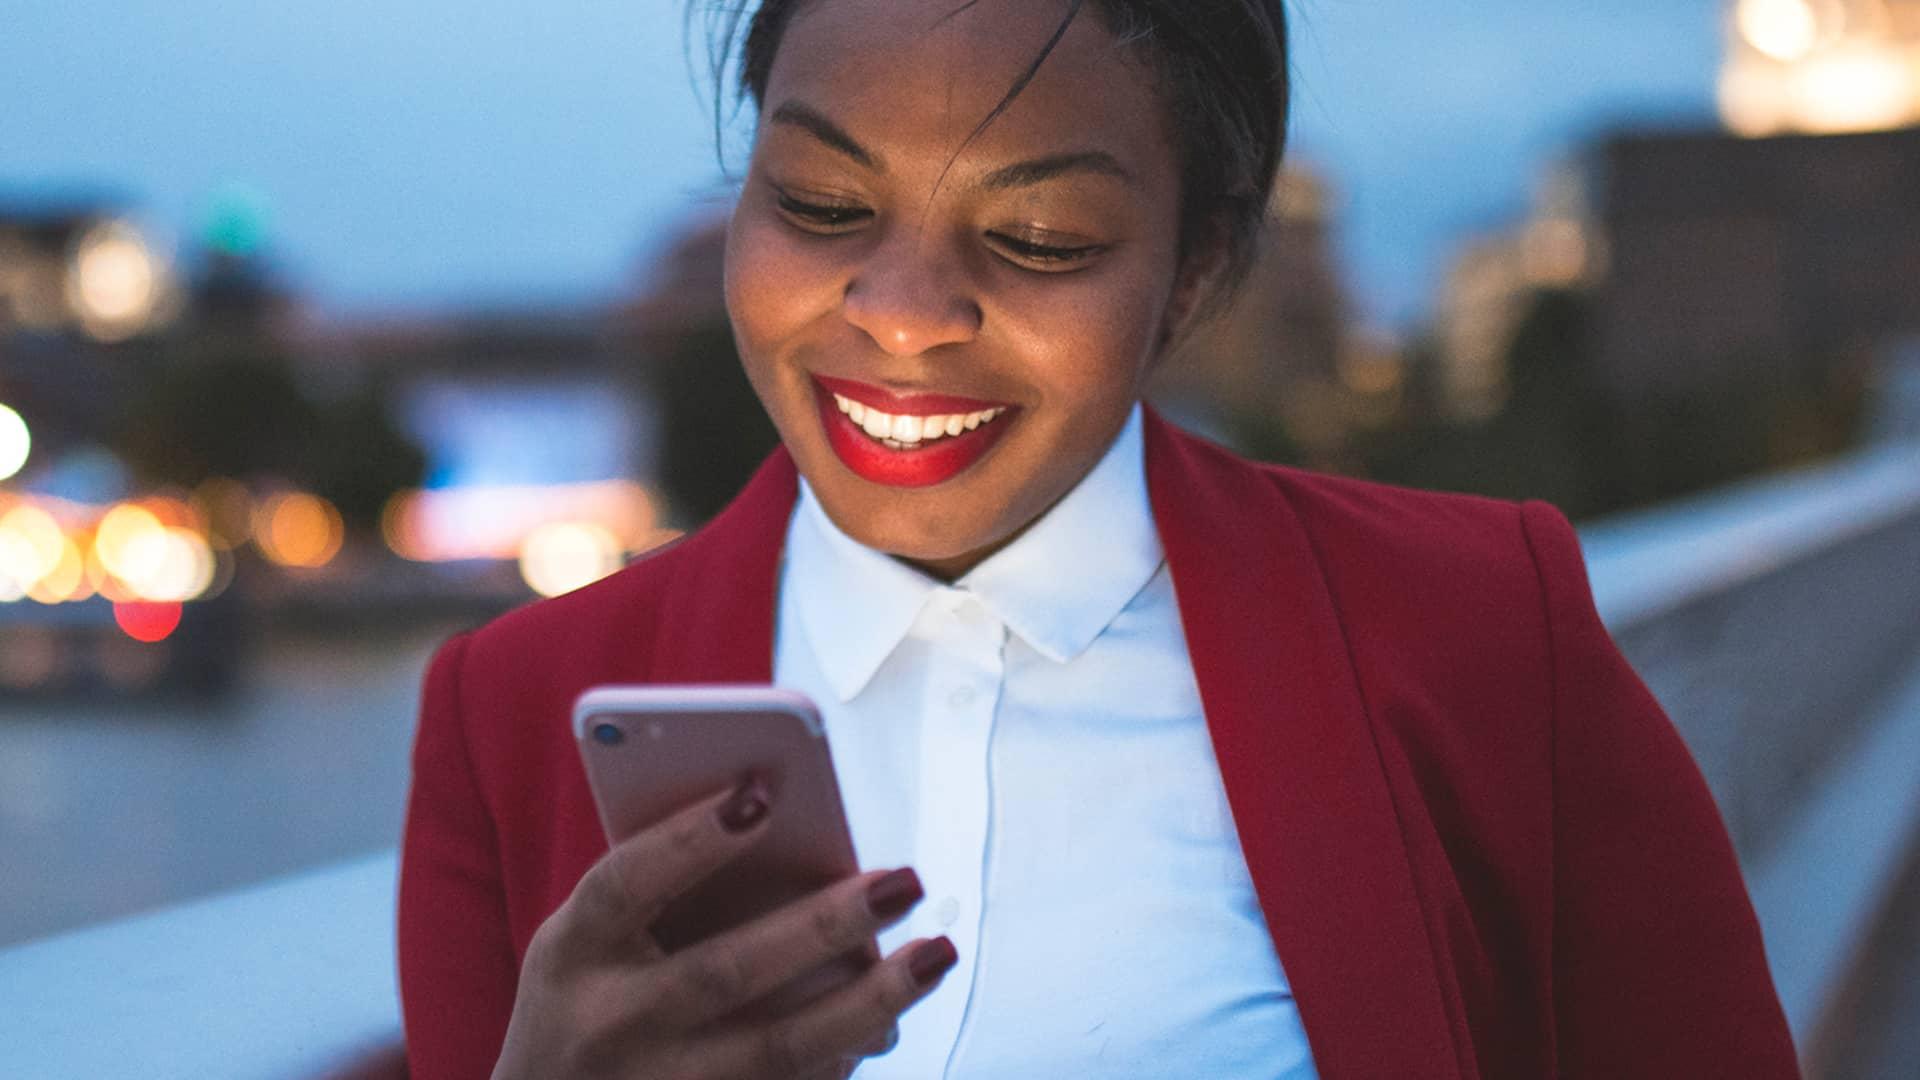 Mujer eligiendo una de las tarifas de vodafone empresas